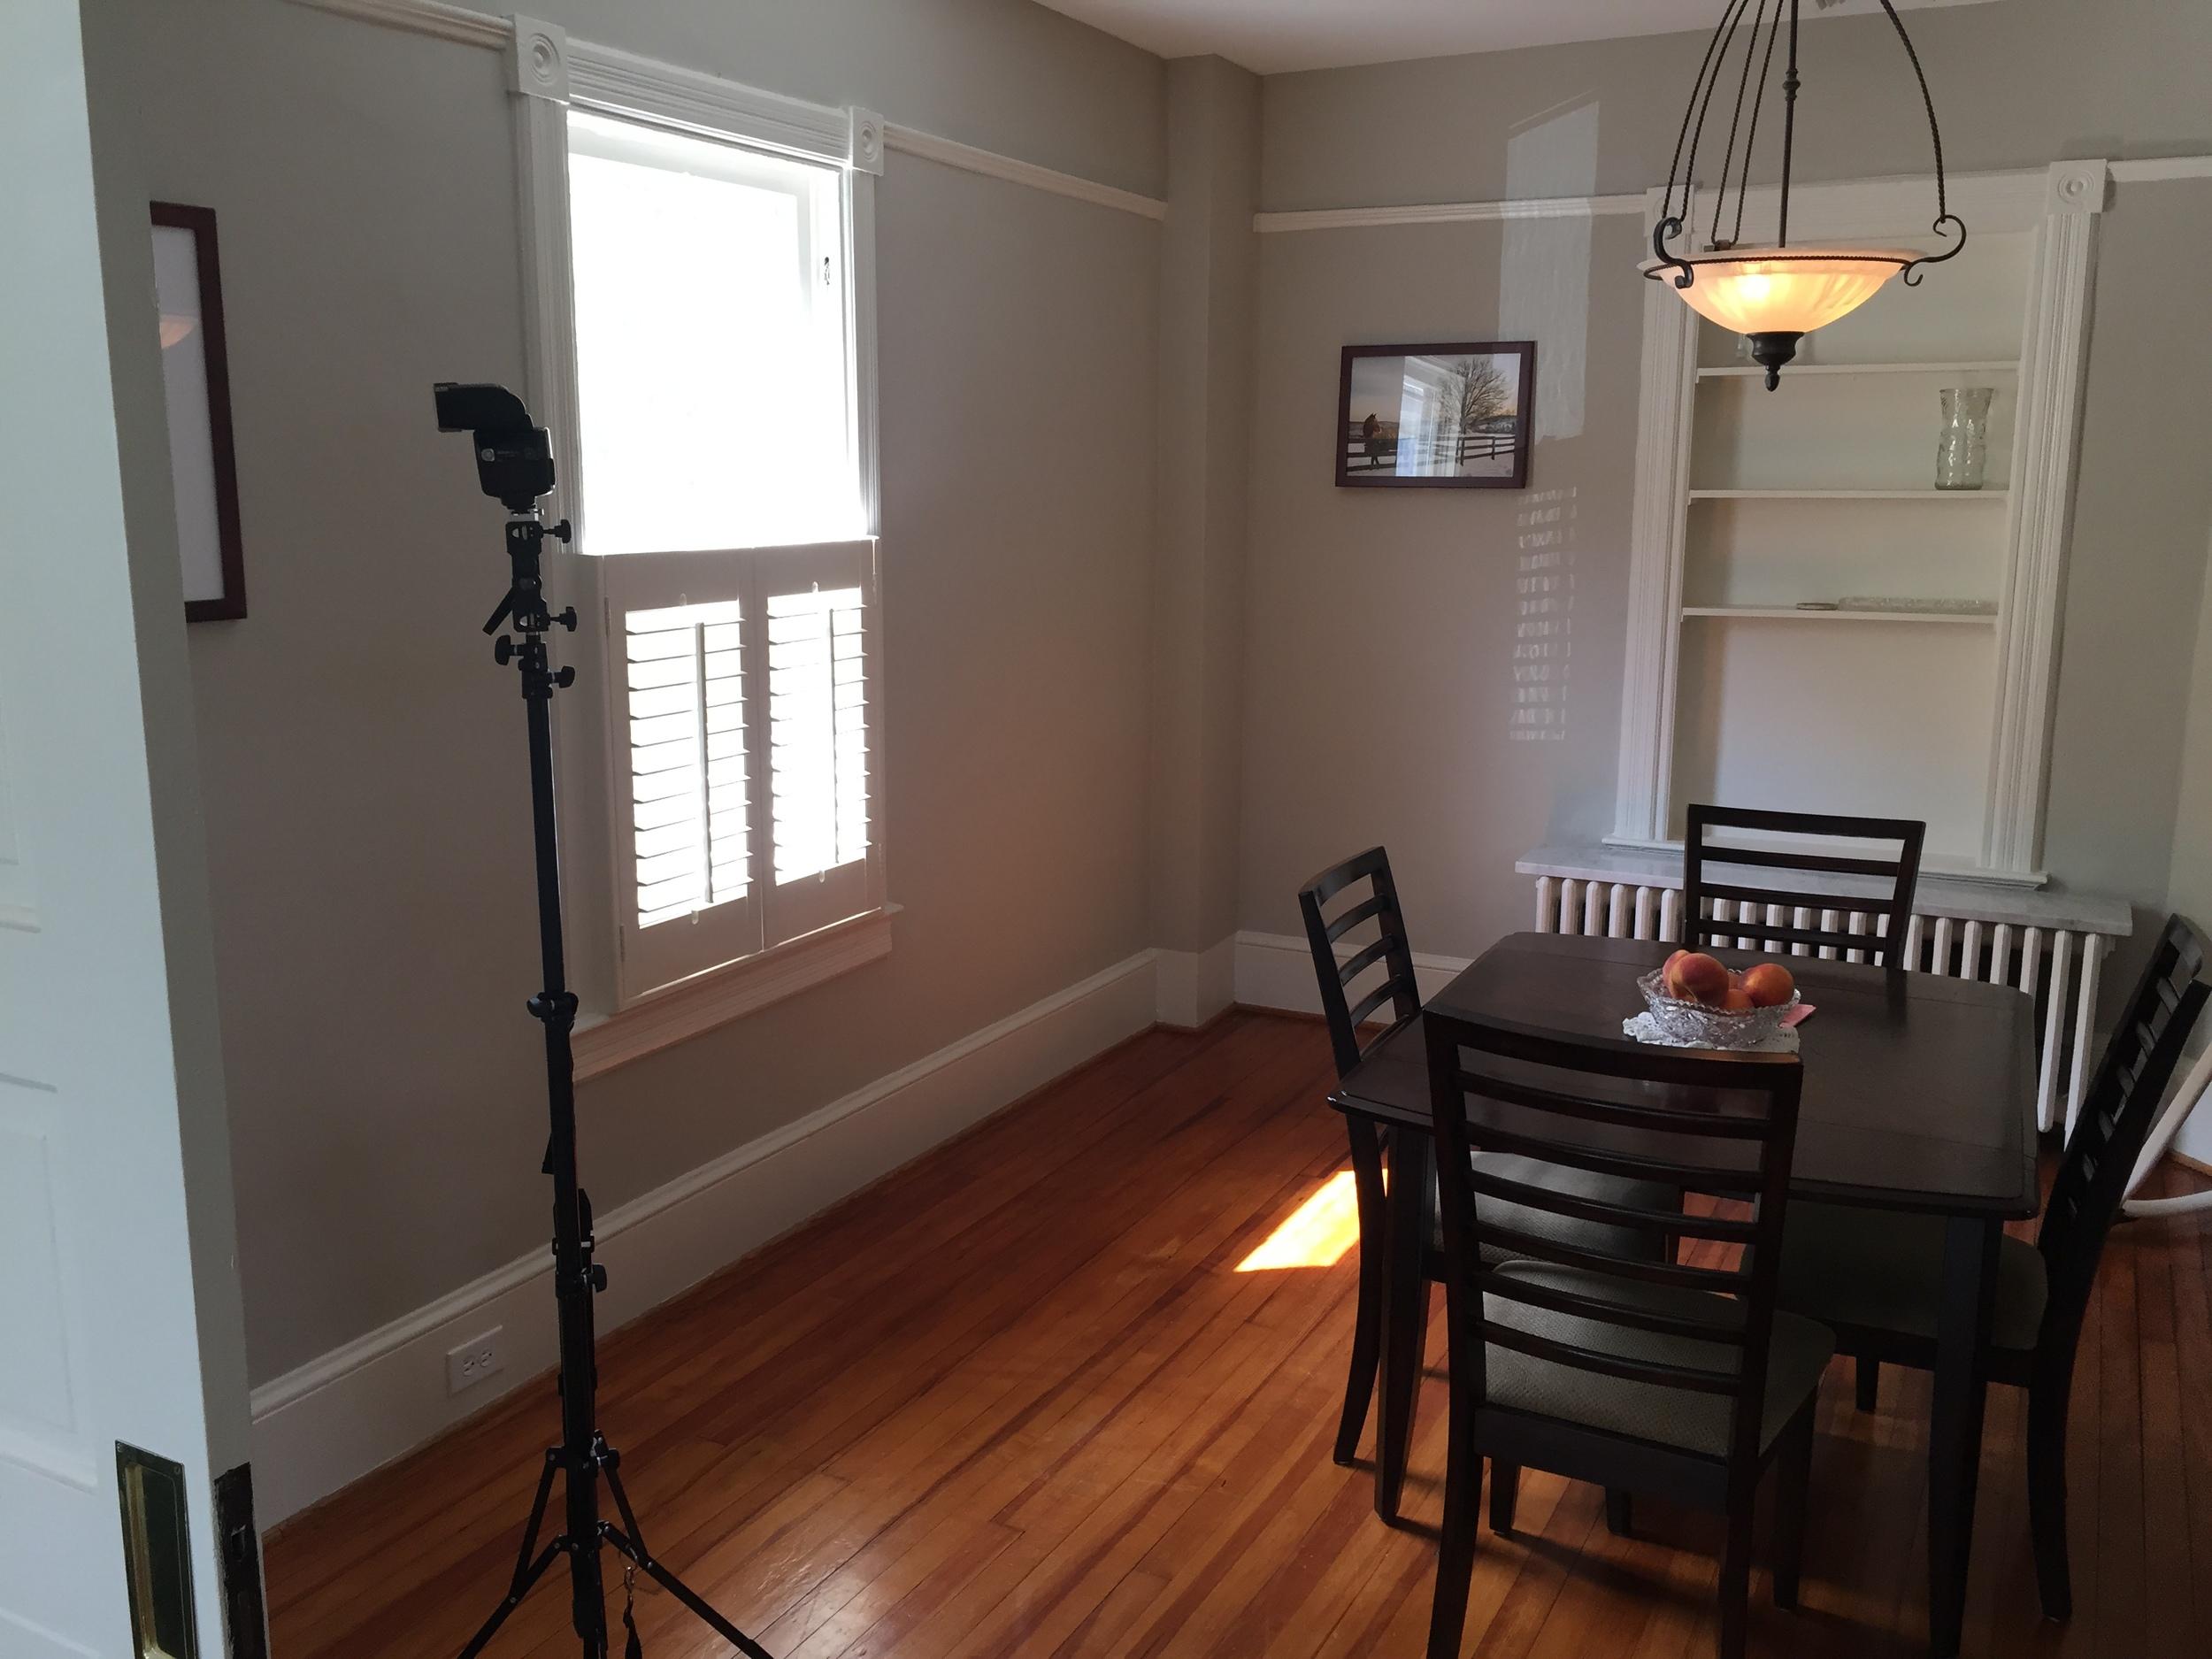 Main light for adjoining room.